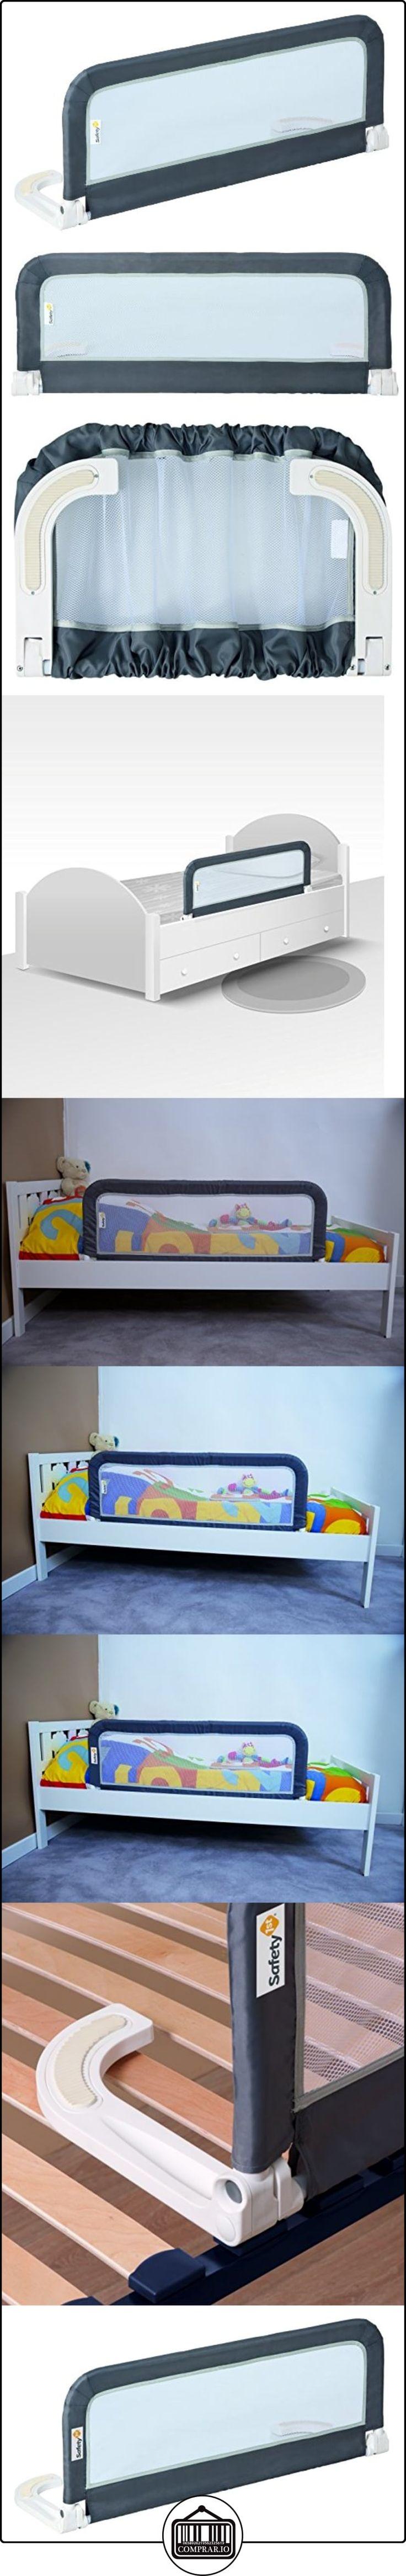 Safety 1st 24835510 - Barrera de cama portátil  ✿ Seguridad para tu bebé - (Protege a tus hijos) ✿ ▬► Ver oferta: http://comprar.io/goto/B0187EEUHO